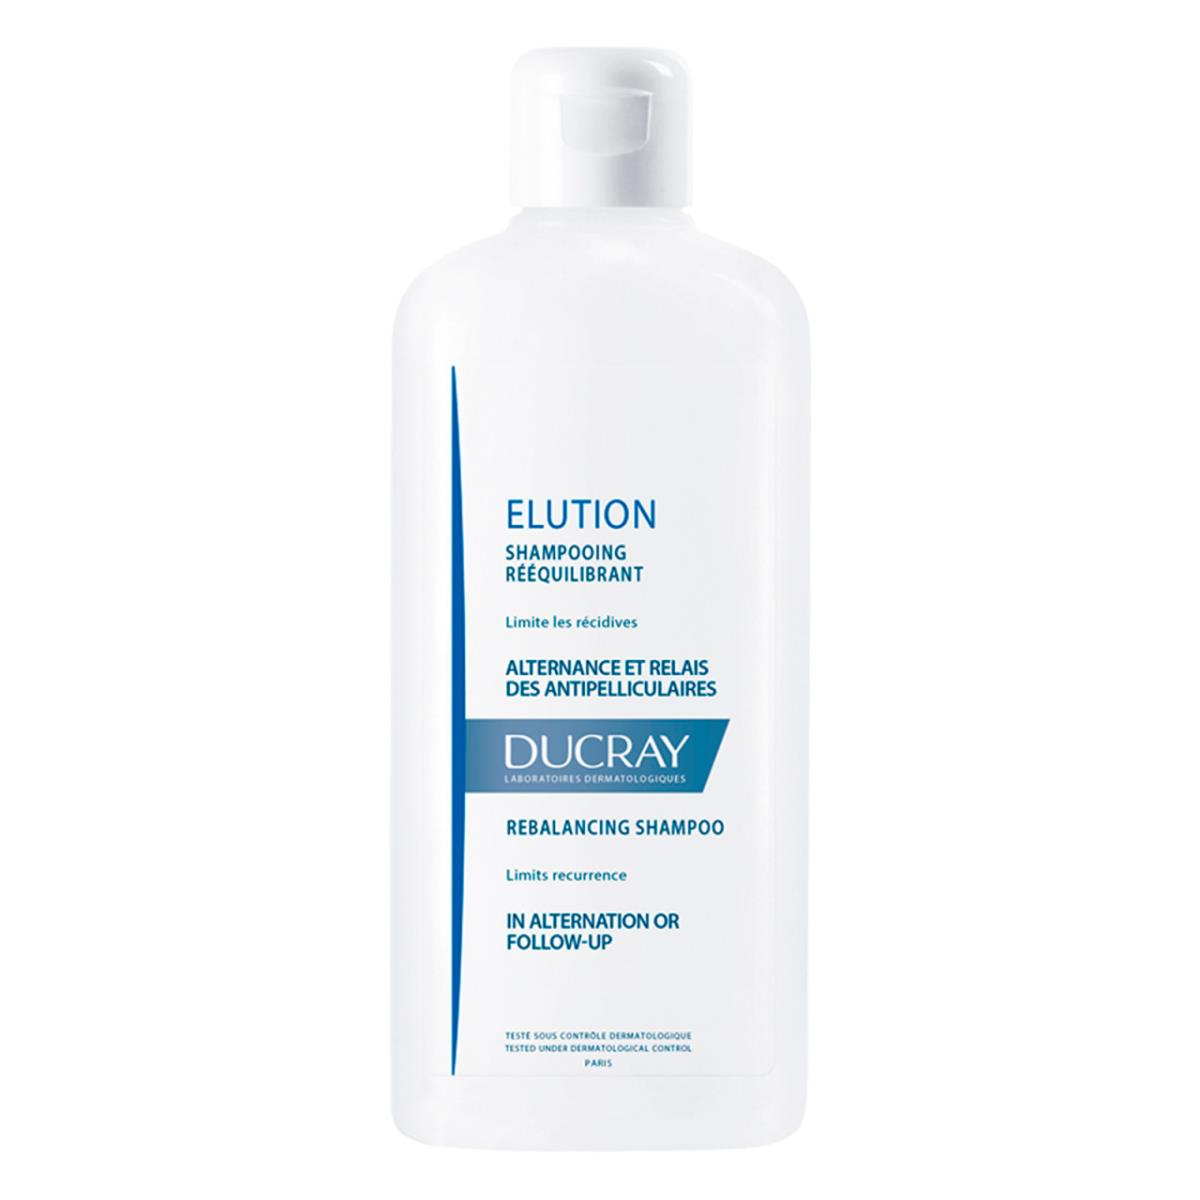 Ducray Elution Shampoo Cuidado De Alternancia Para Caspa 400Ml